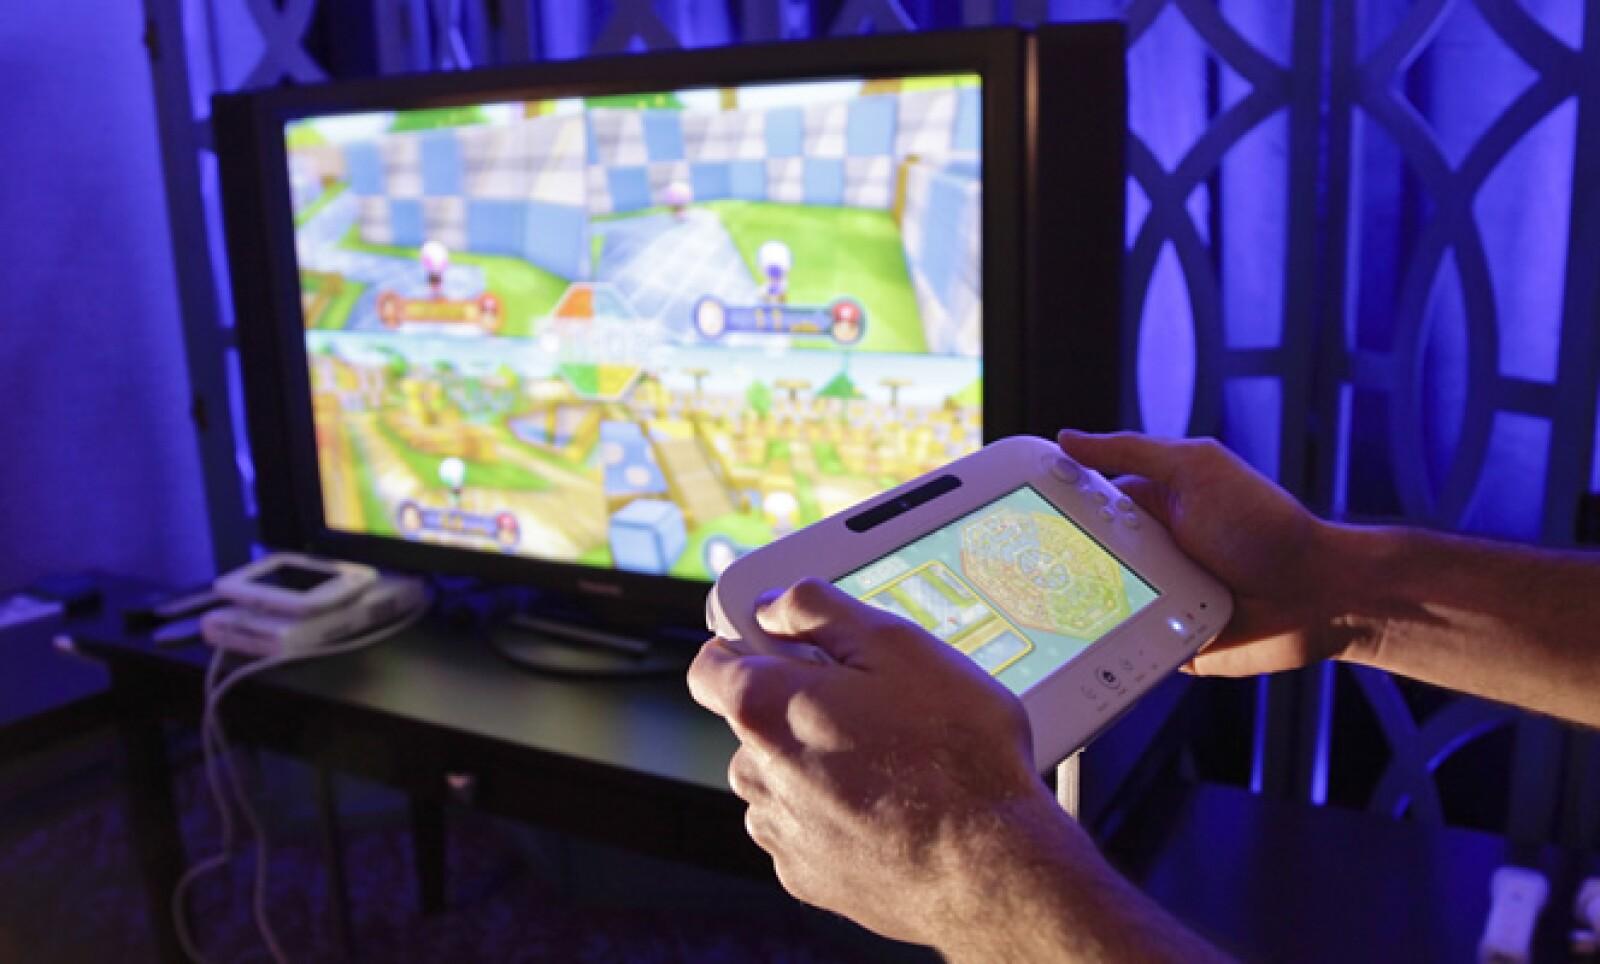 La compañía mostró avances de lo que será su próxima consola de juegos Wii U.